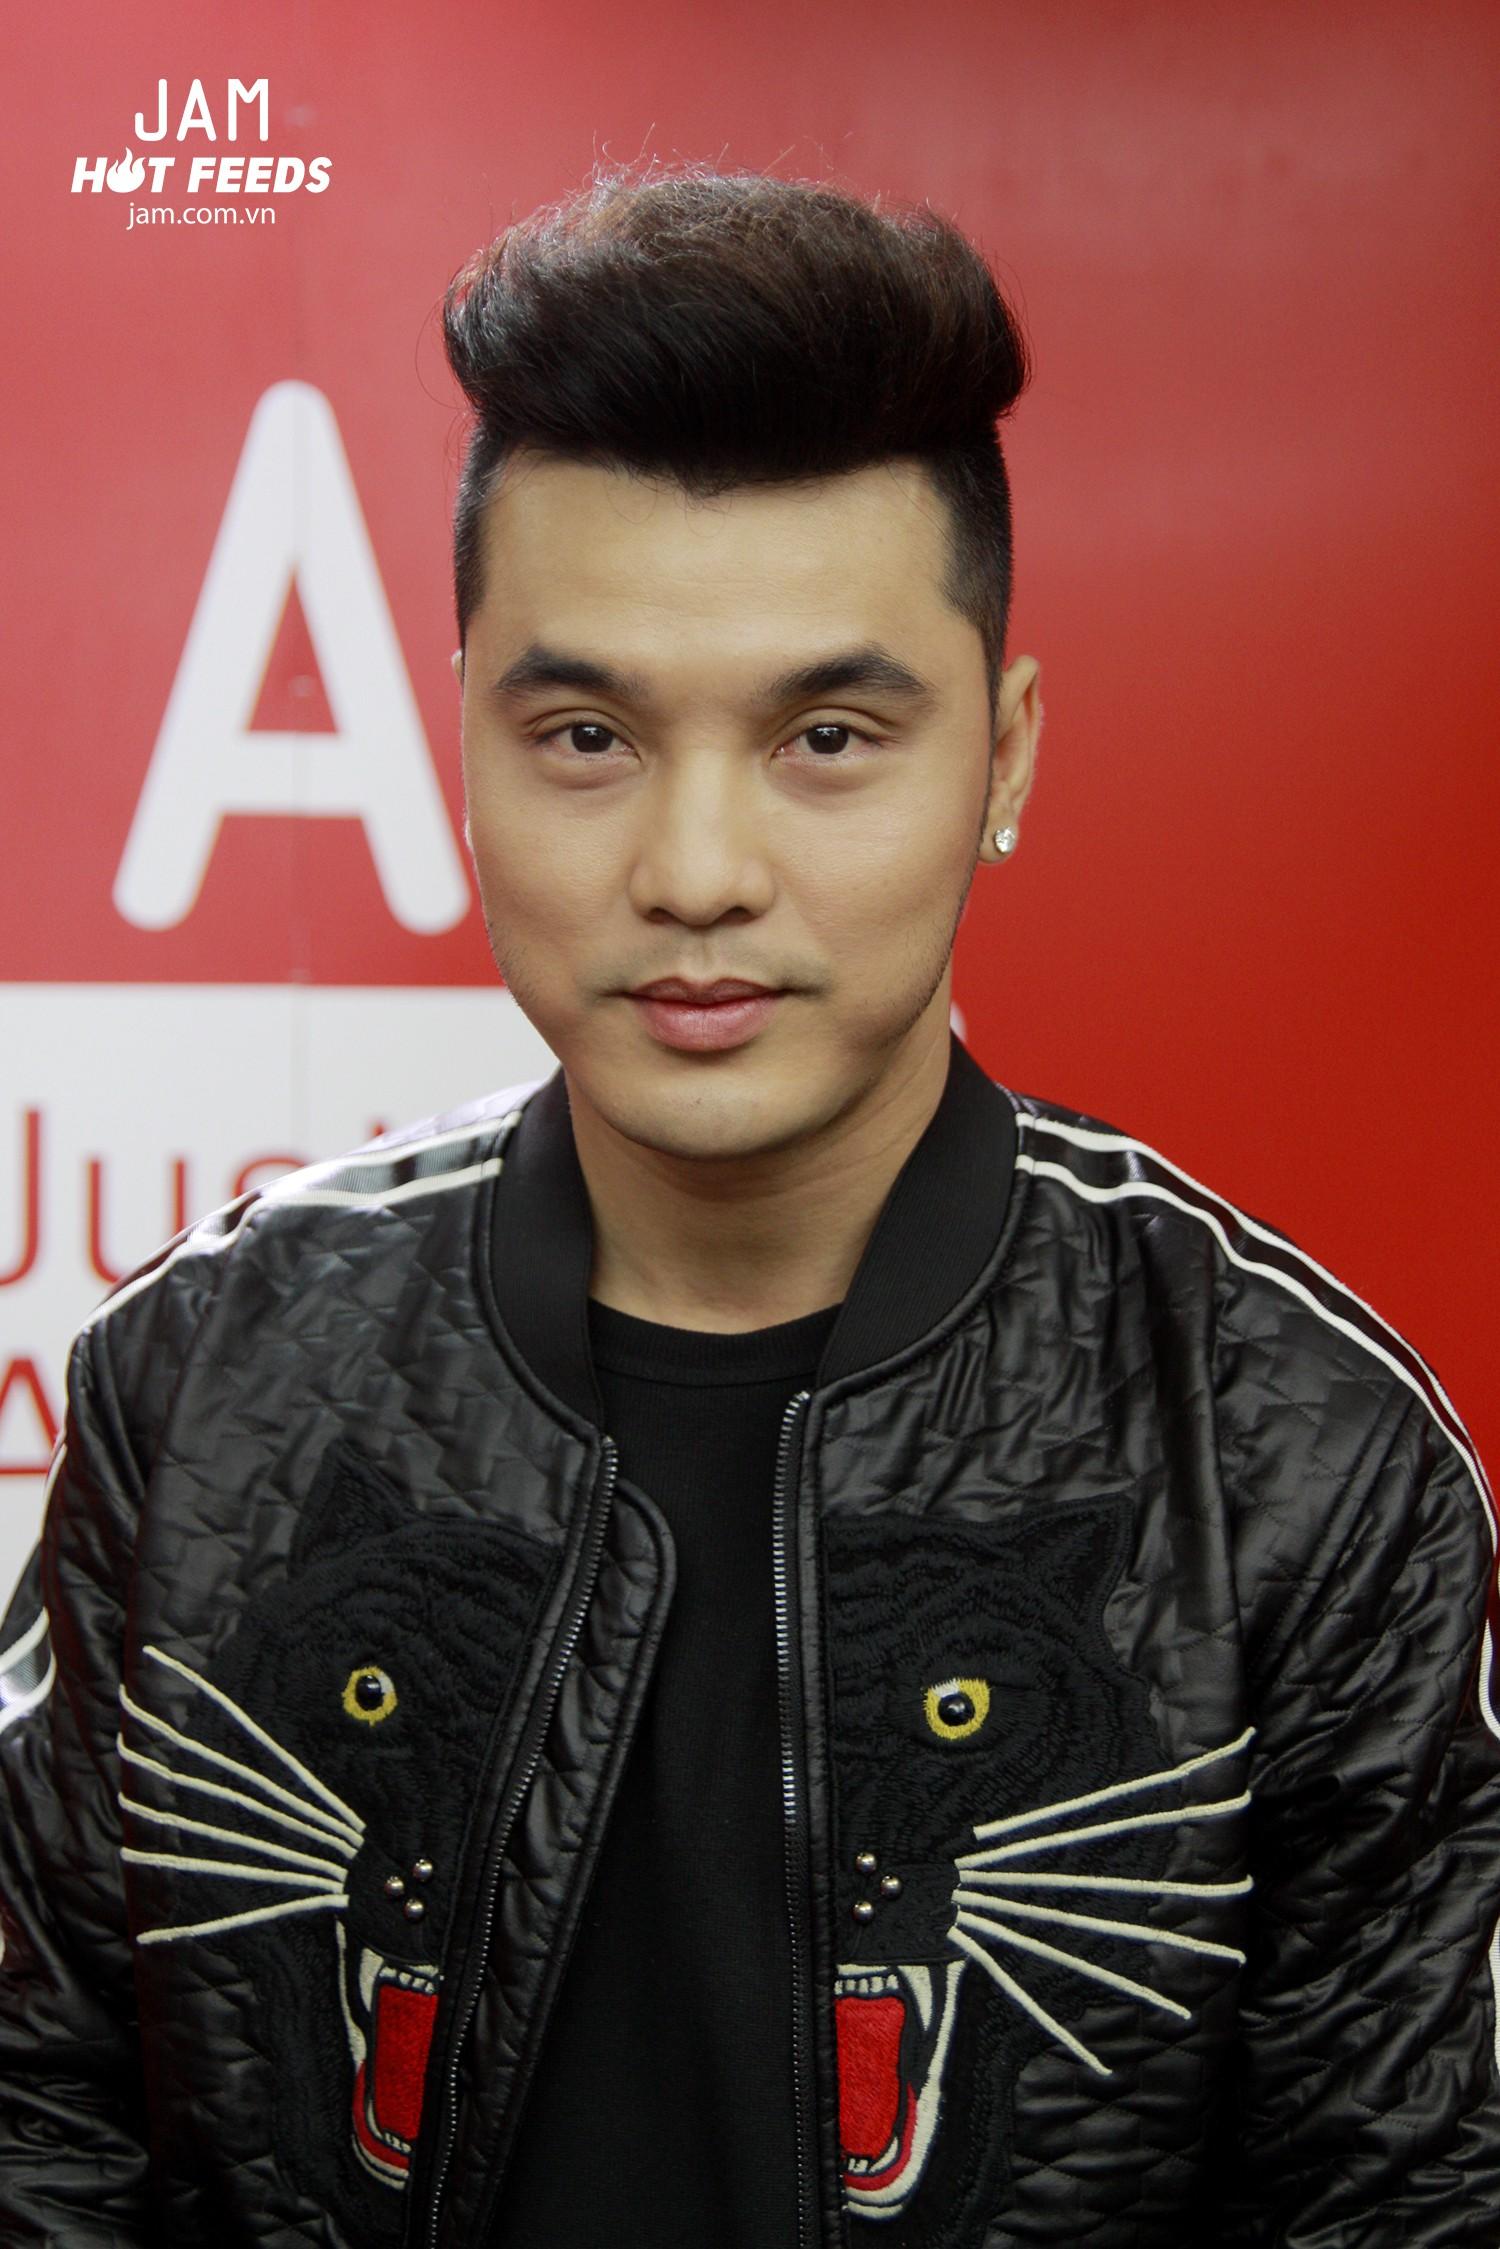 Ưng Hoàng Phúc nói về Quang Huy: Chỉ chúng tôi gặp nhau mới có thể tạo nên làn sóng âm nhạc để khán giả nhớ tới tận bây giờ - Ảnh 10.